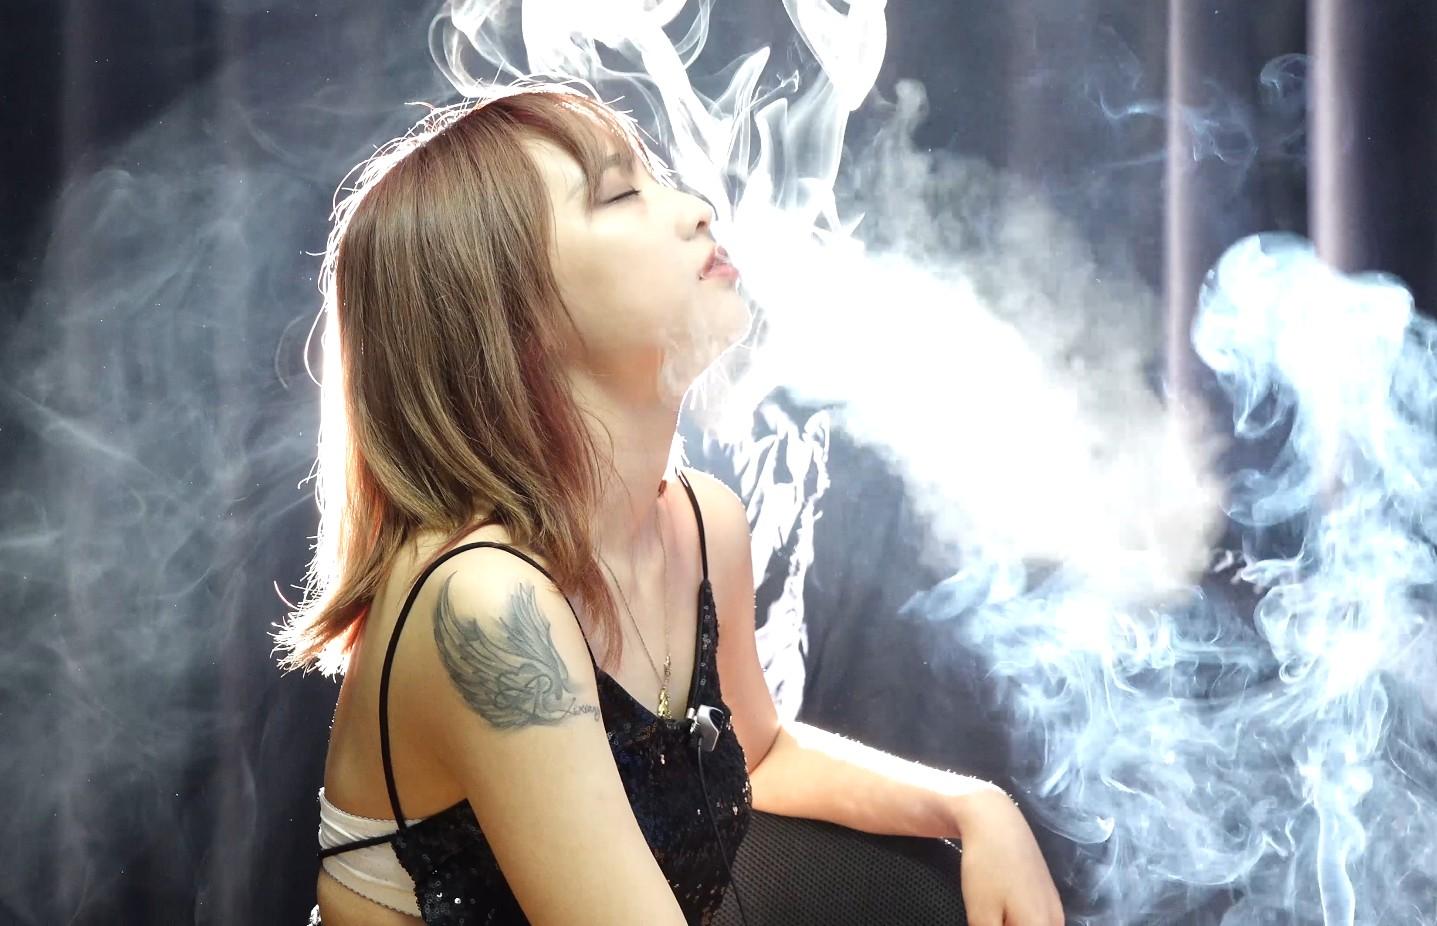 性感纹身美女忘情吸烟吊带掉了都没发现(6根烟)